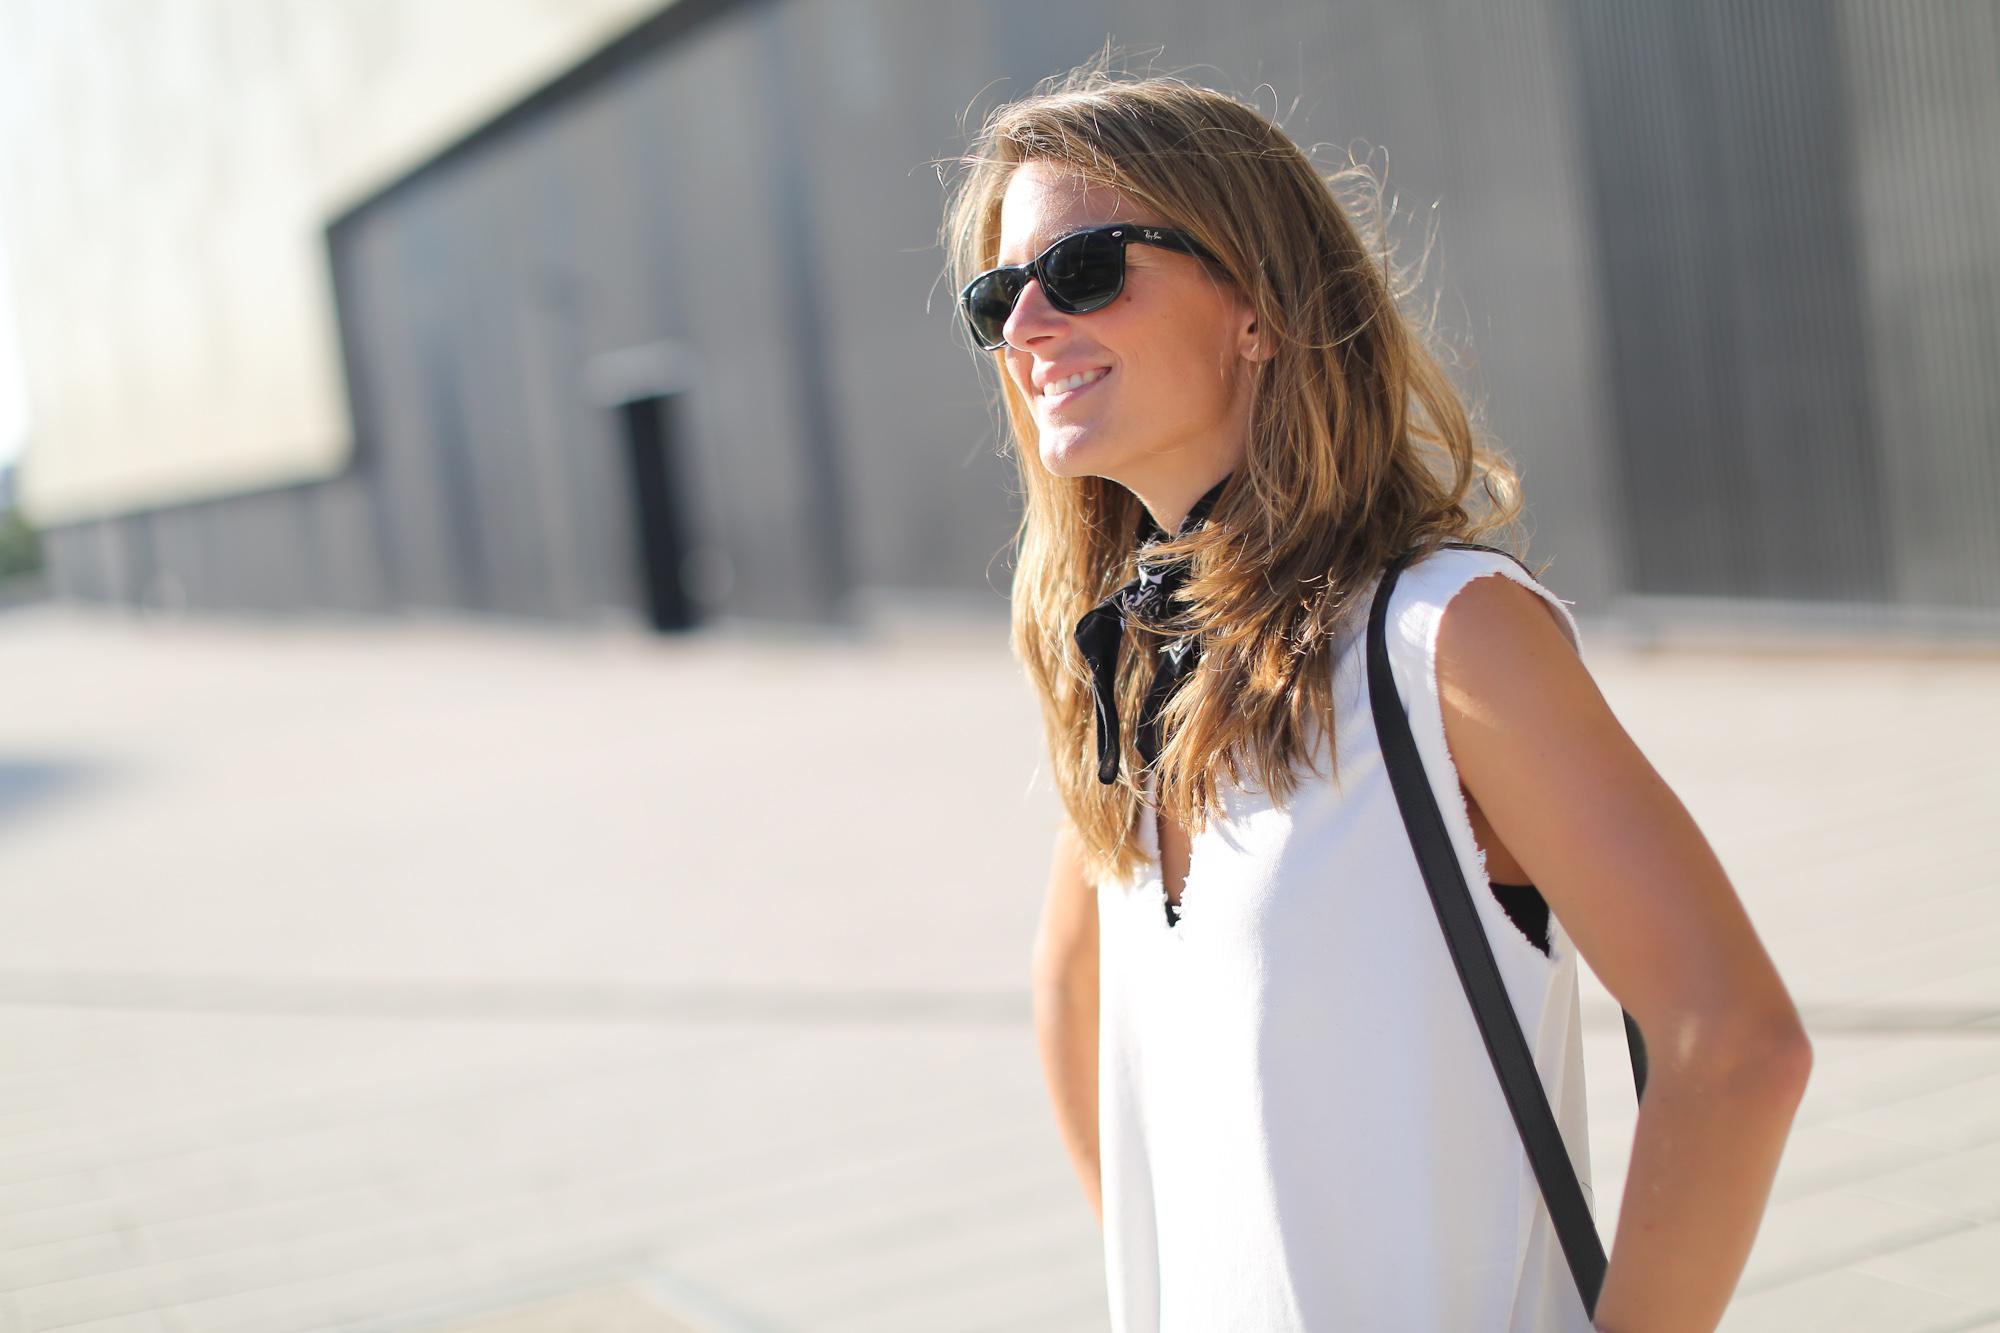 Clochet_streetstyle_maje_suede_fringed_jacket_bimbaylola_denim_white_dress-4